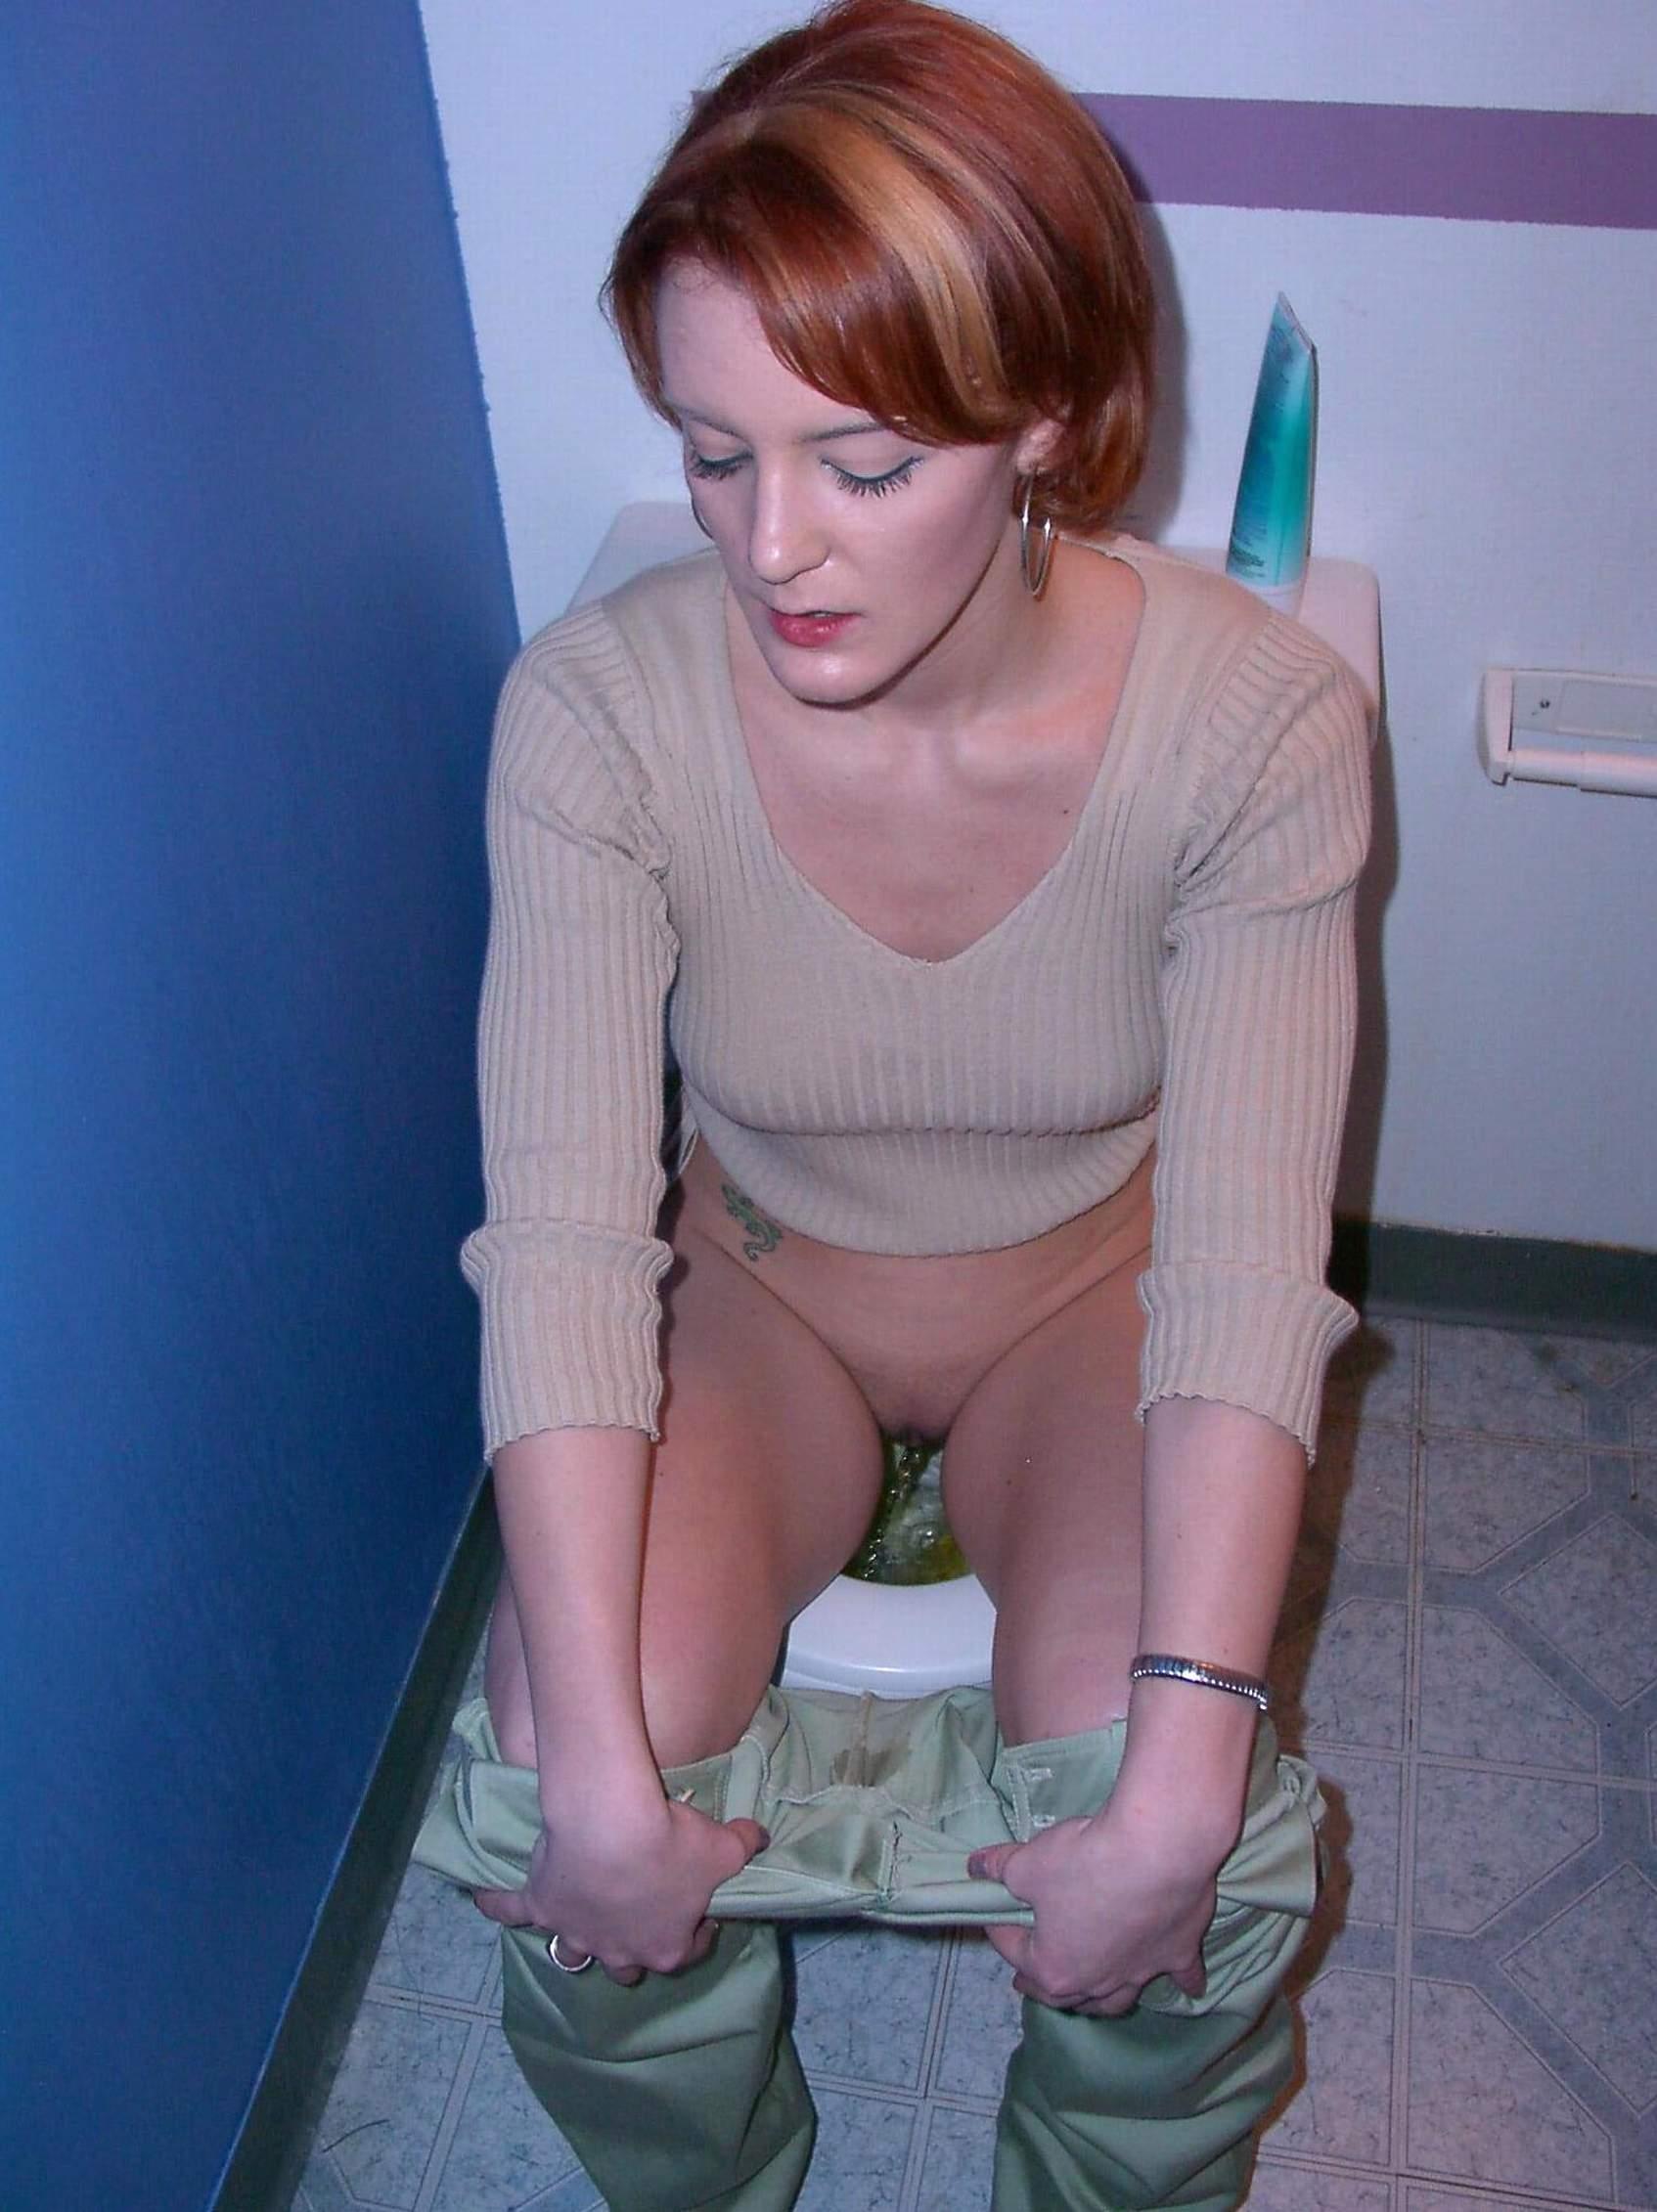 best of Pics pissing Ferr girls